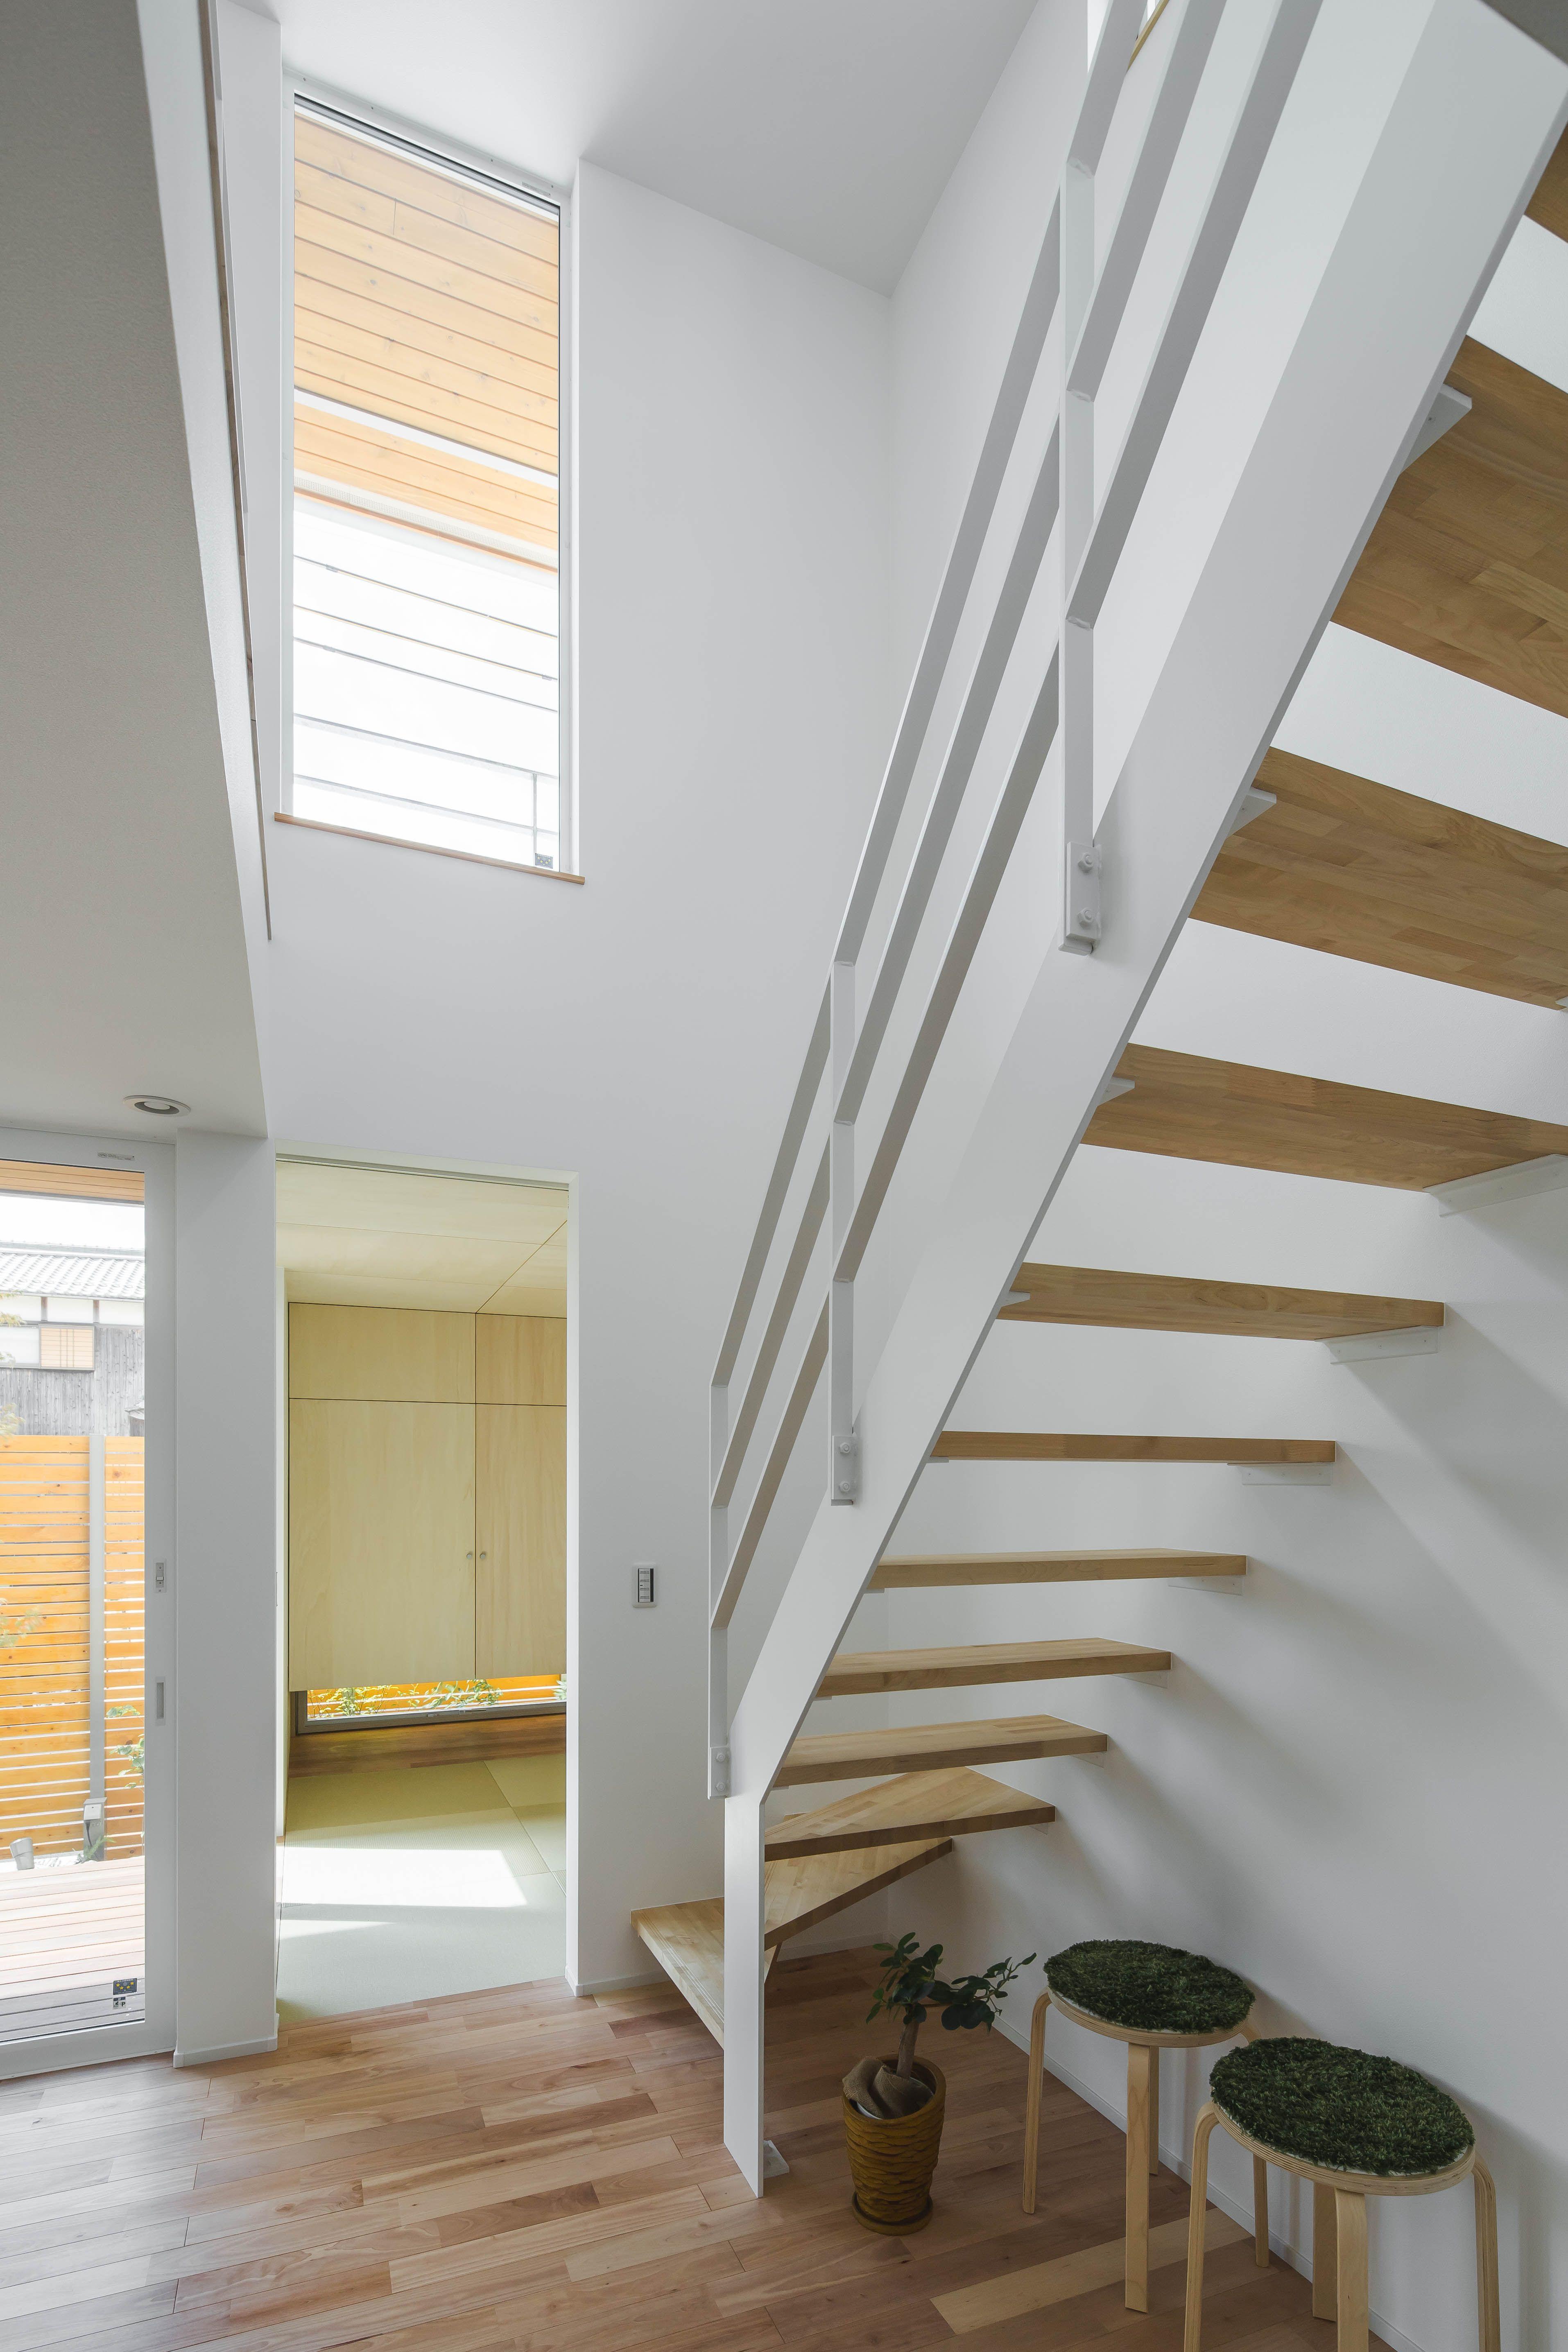 スケルトン階段は 吹抜けとの相乗効果で解放感たっぷり ルポハウス